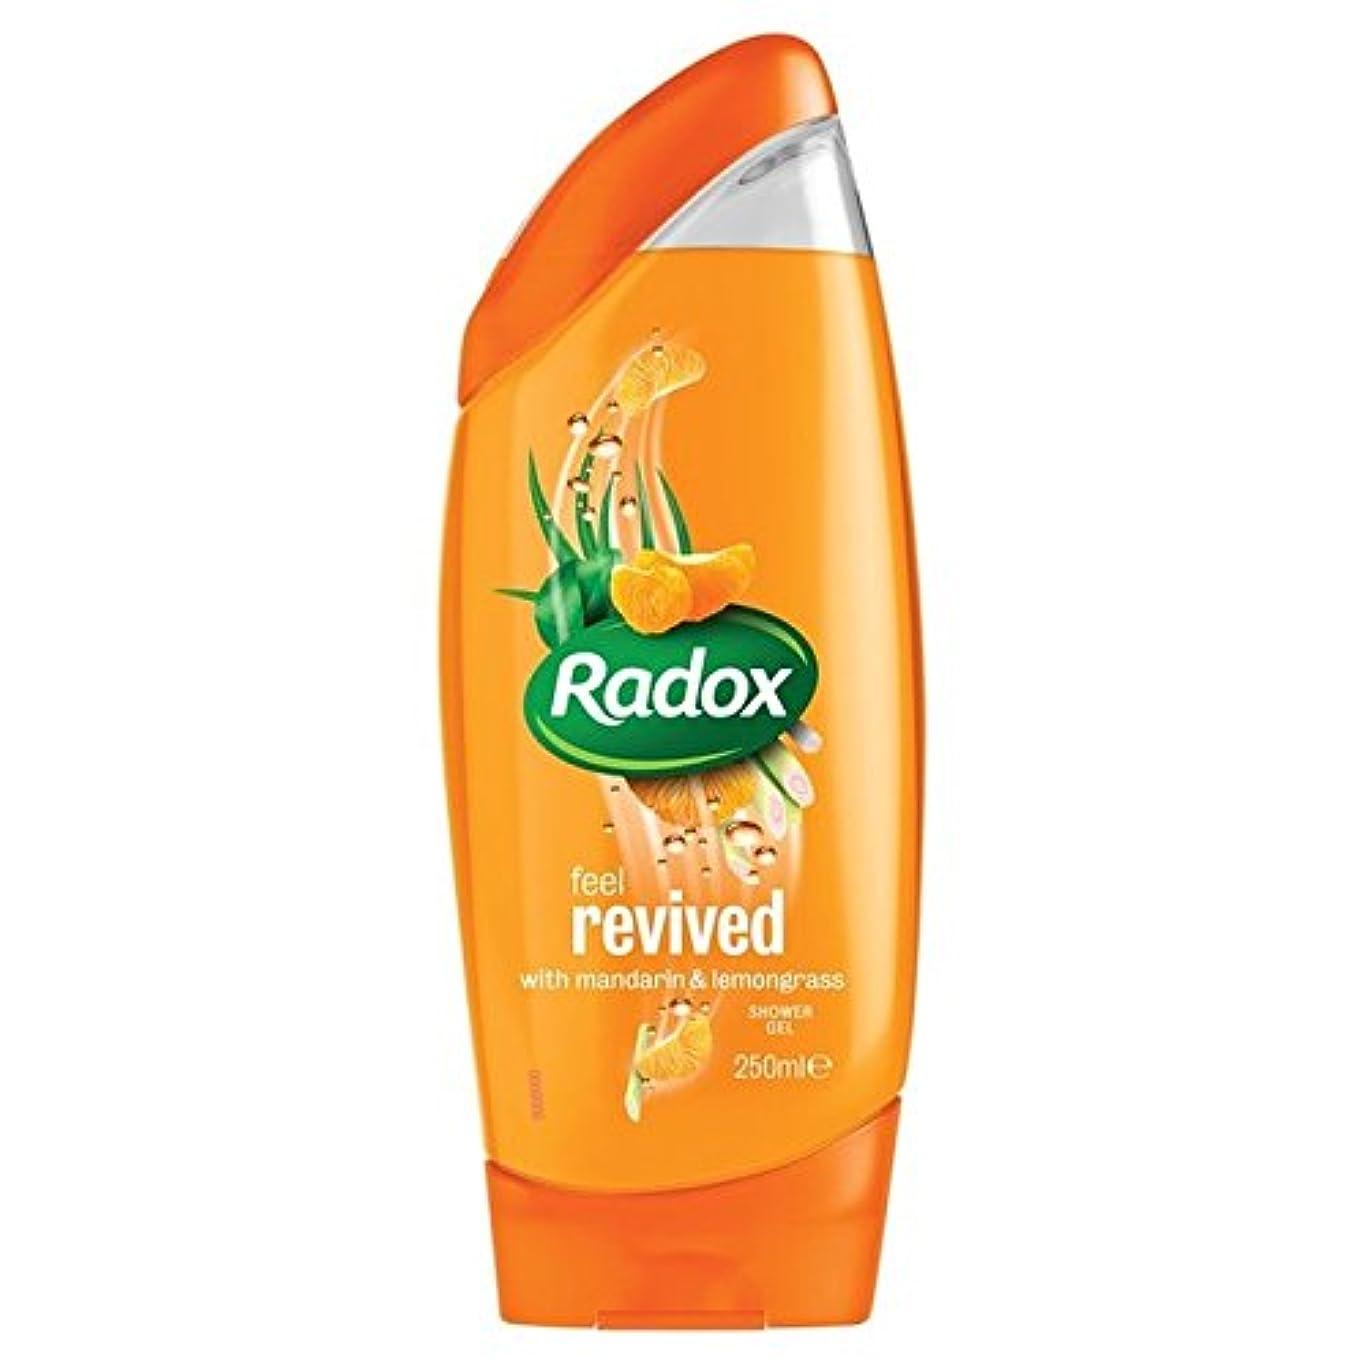 スツールマディソンすごいのみかんは、シャワージェル250ミリリットルを復活させます x4 - Radox Mandarin Revive Shower Gel 250ml (Pack of 4) [並行輸入品]